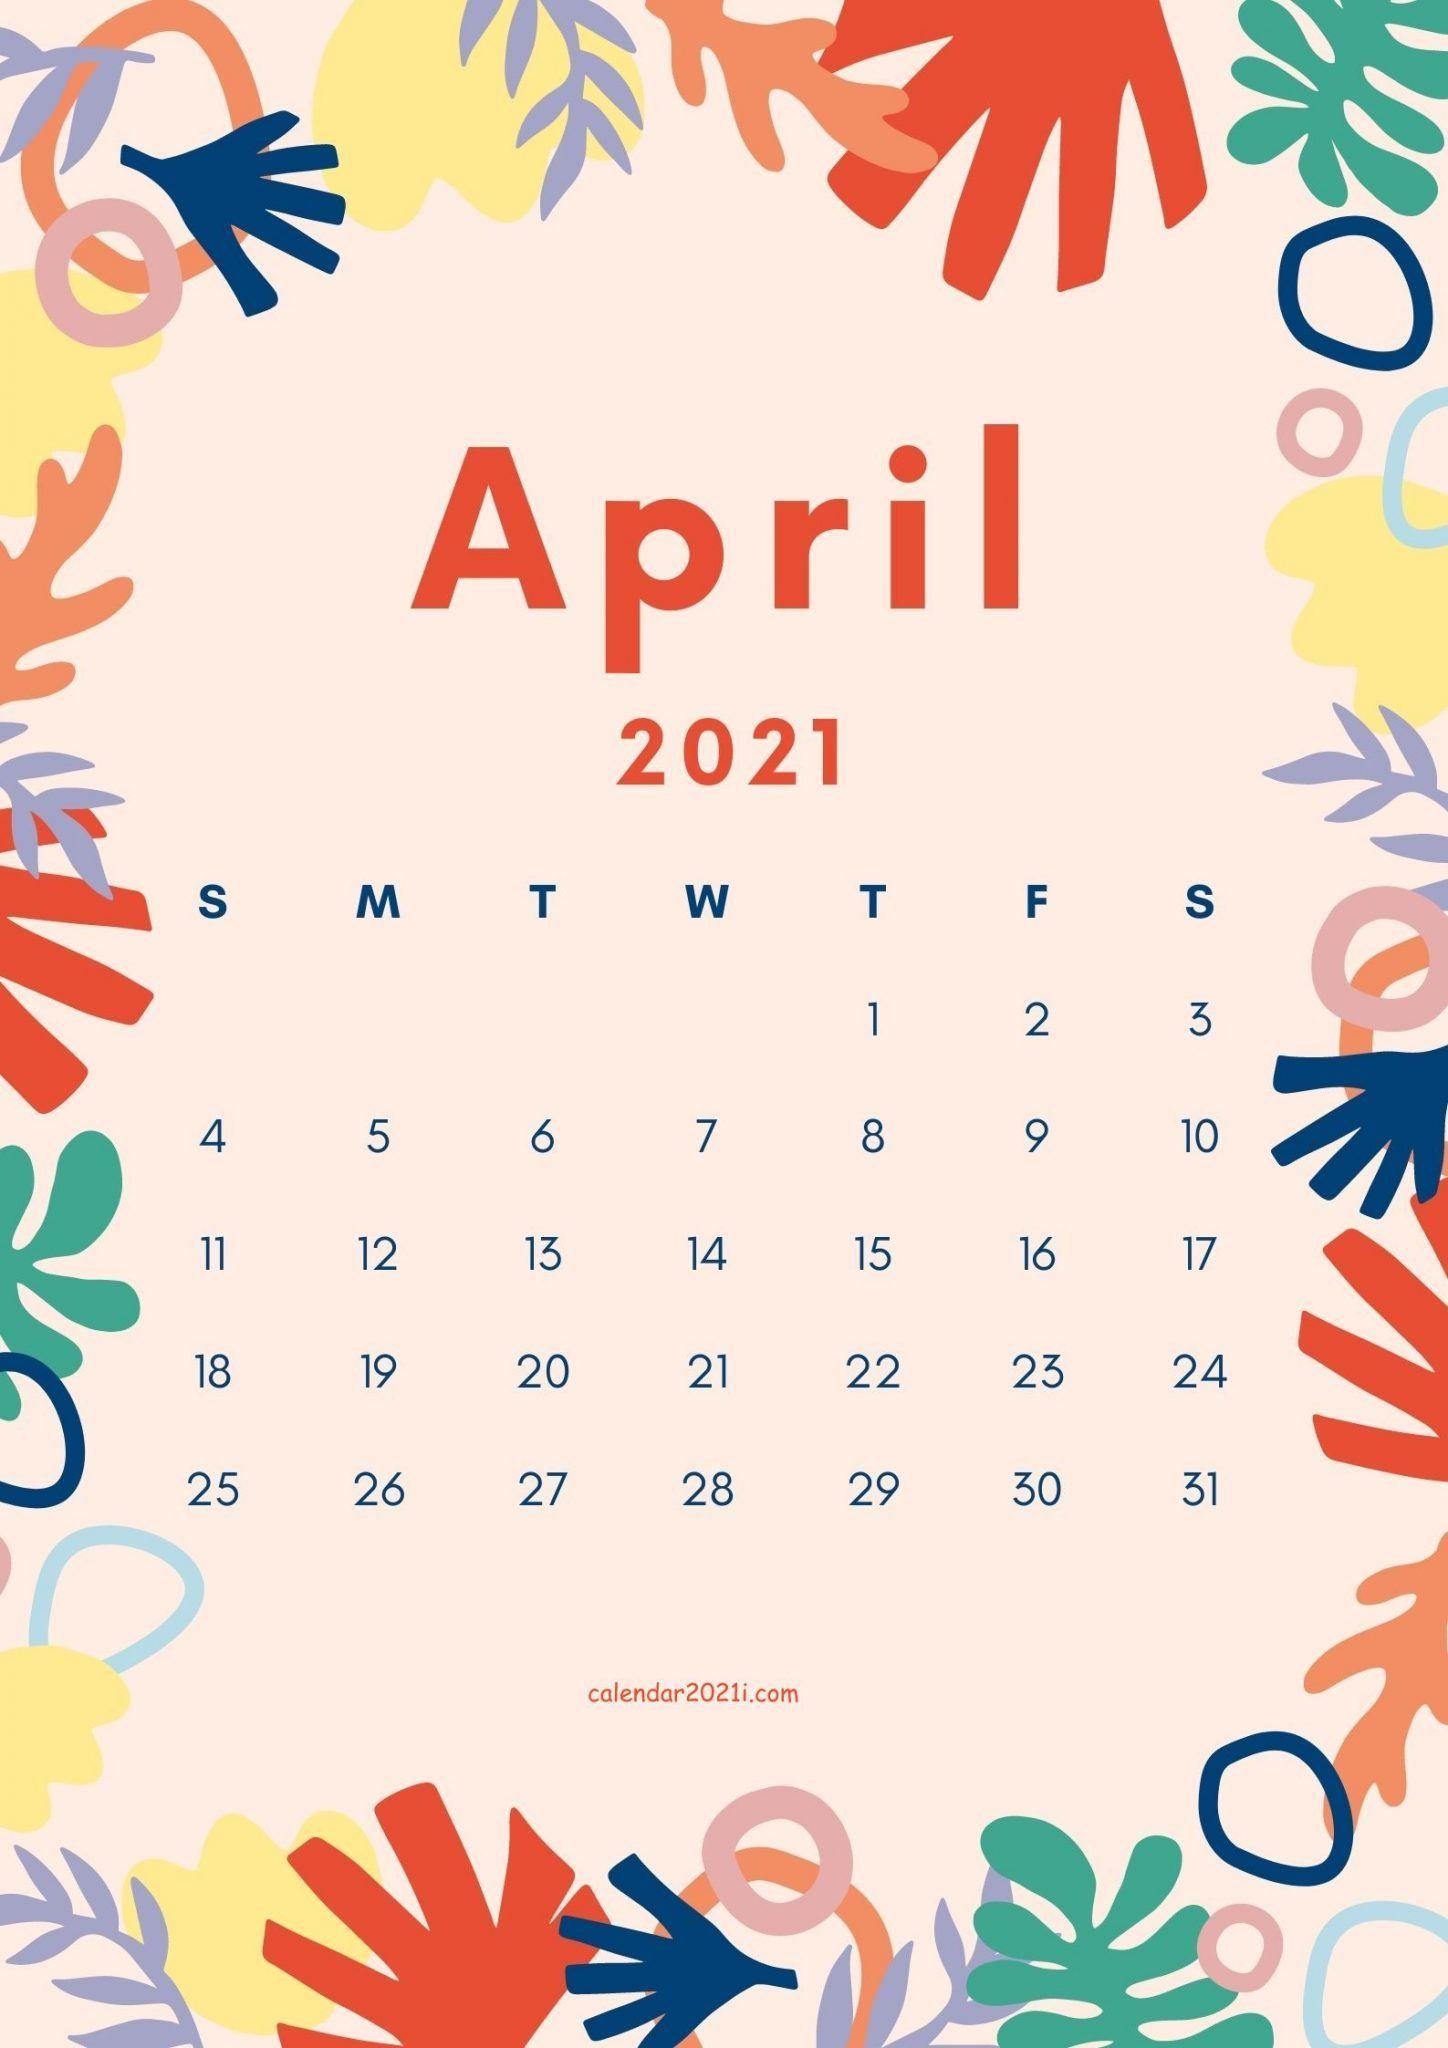 April 2021 Cute Calendar Design in 2020 | Calendar design ...